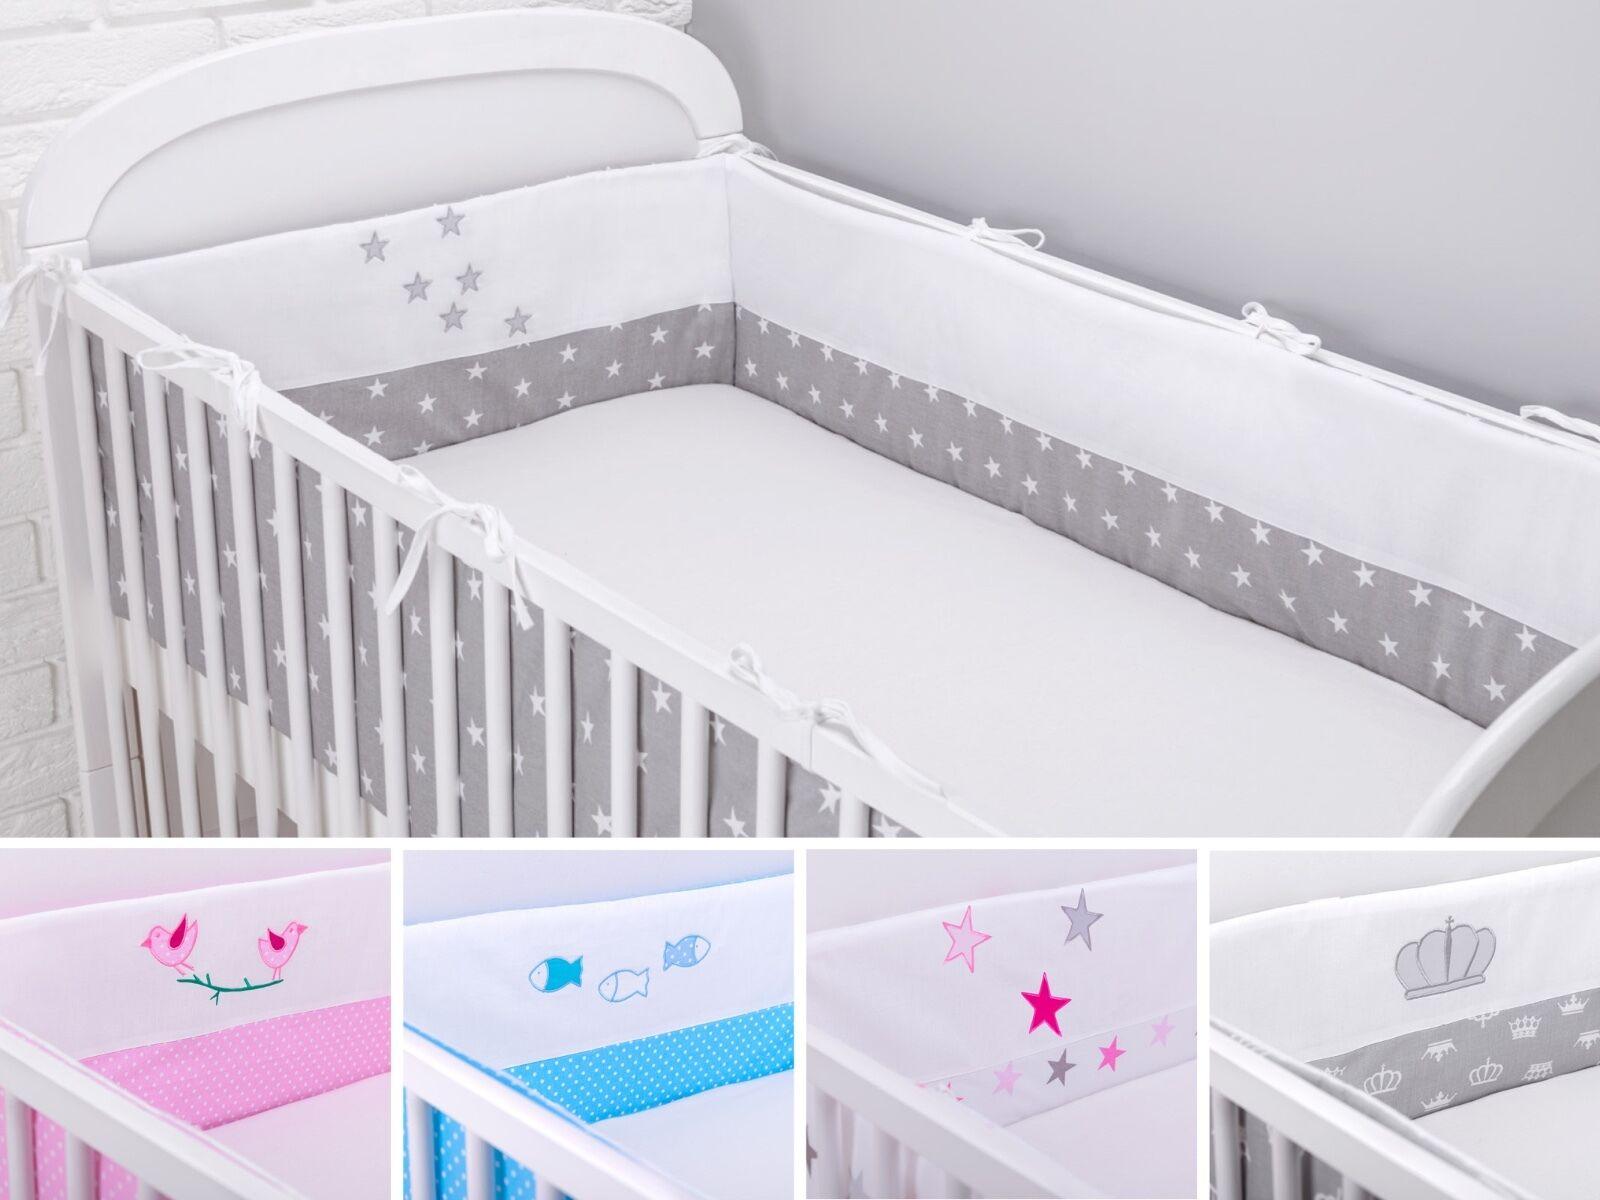 Bettumrandung Nestchen Kopfschutz 420x30, 360, 210, 180 Bettnestchen Baby Design